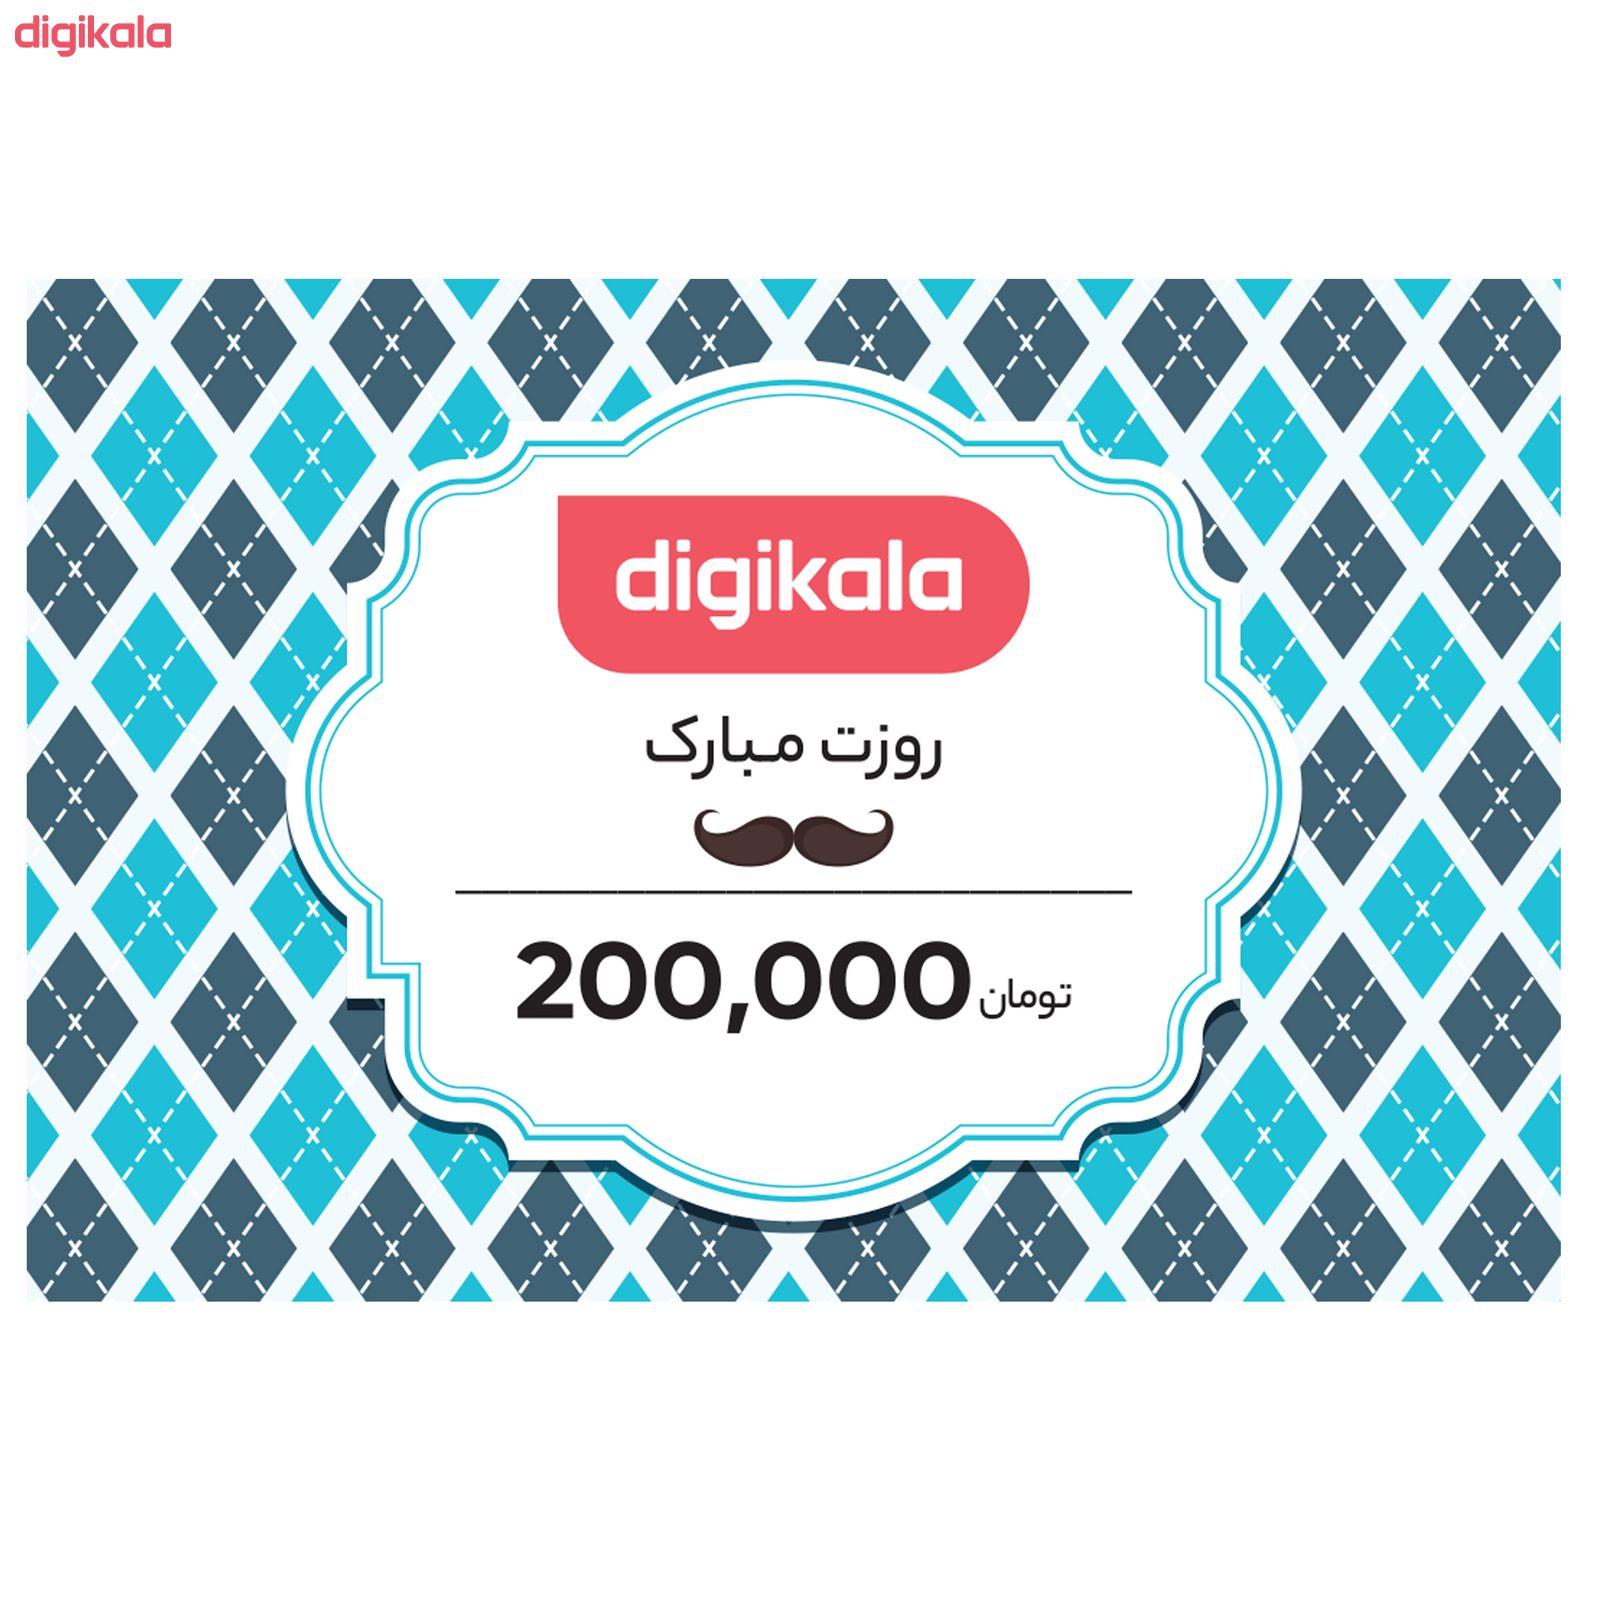 کارت هدیه دیجی کالا به ارزش 200,000 تومان طرح روز مرد  main 1 1